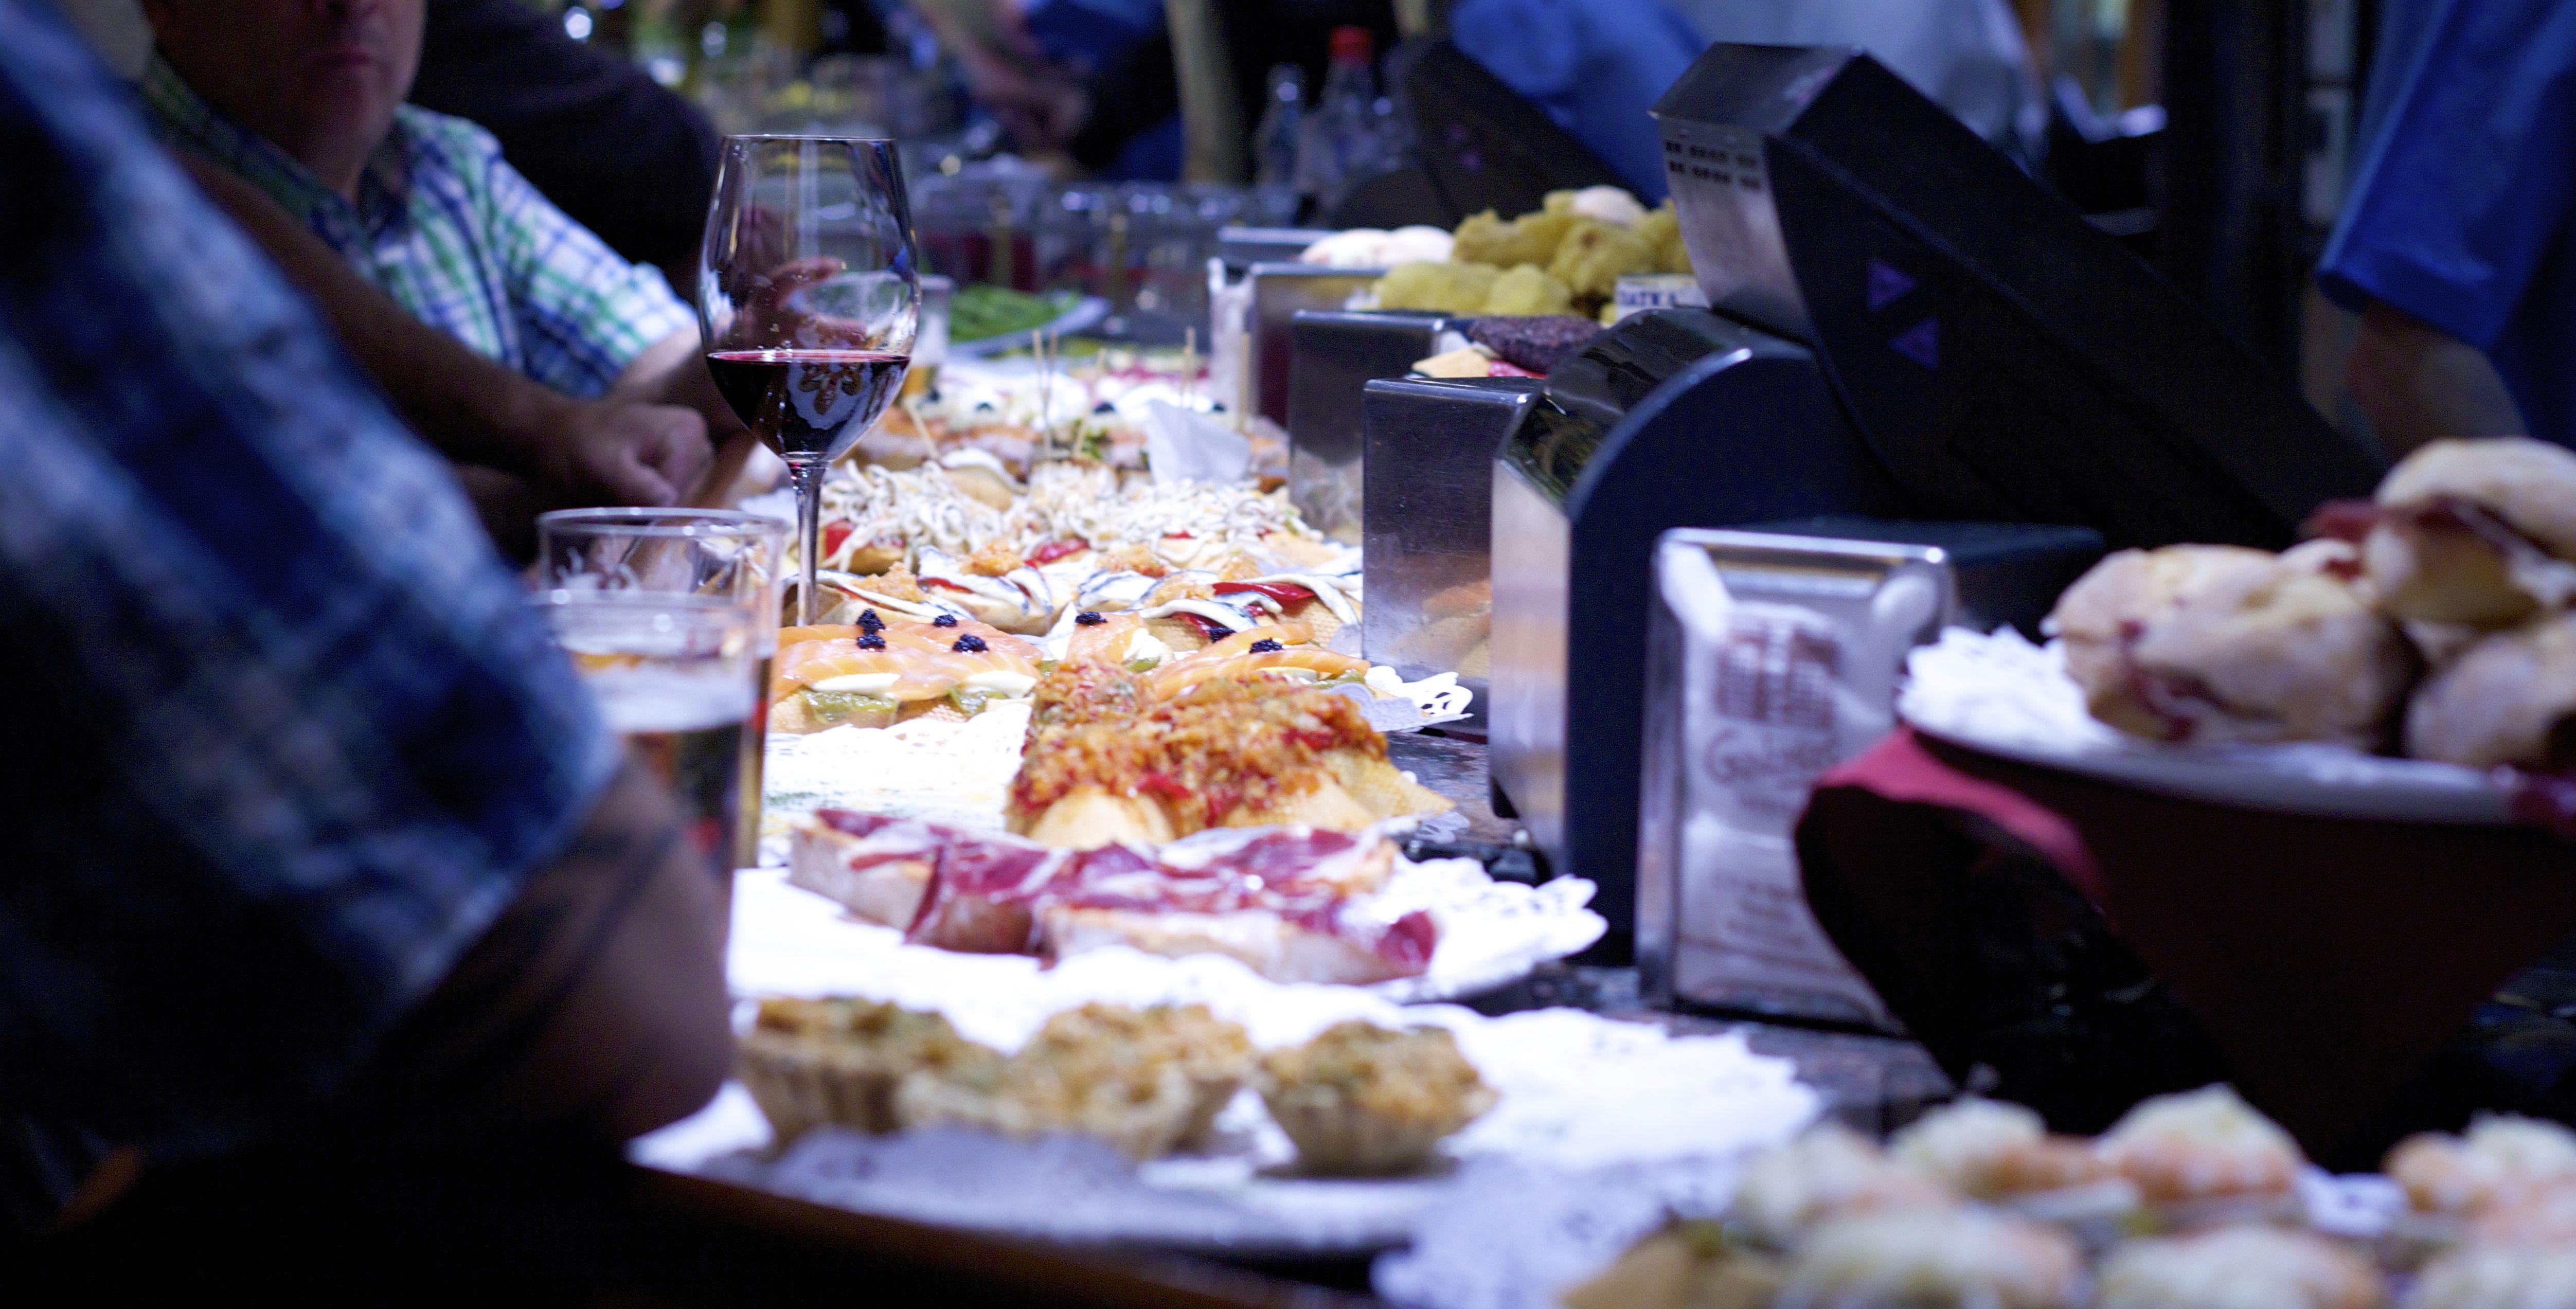 seminaire-saint-sebastien-tapas-pays-basque-le-cercle-piment-espelette